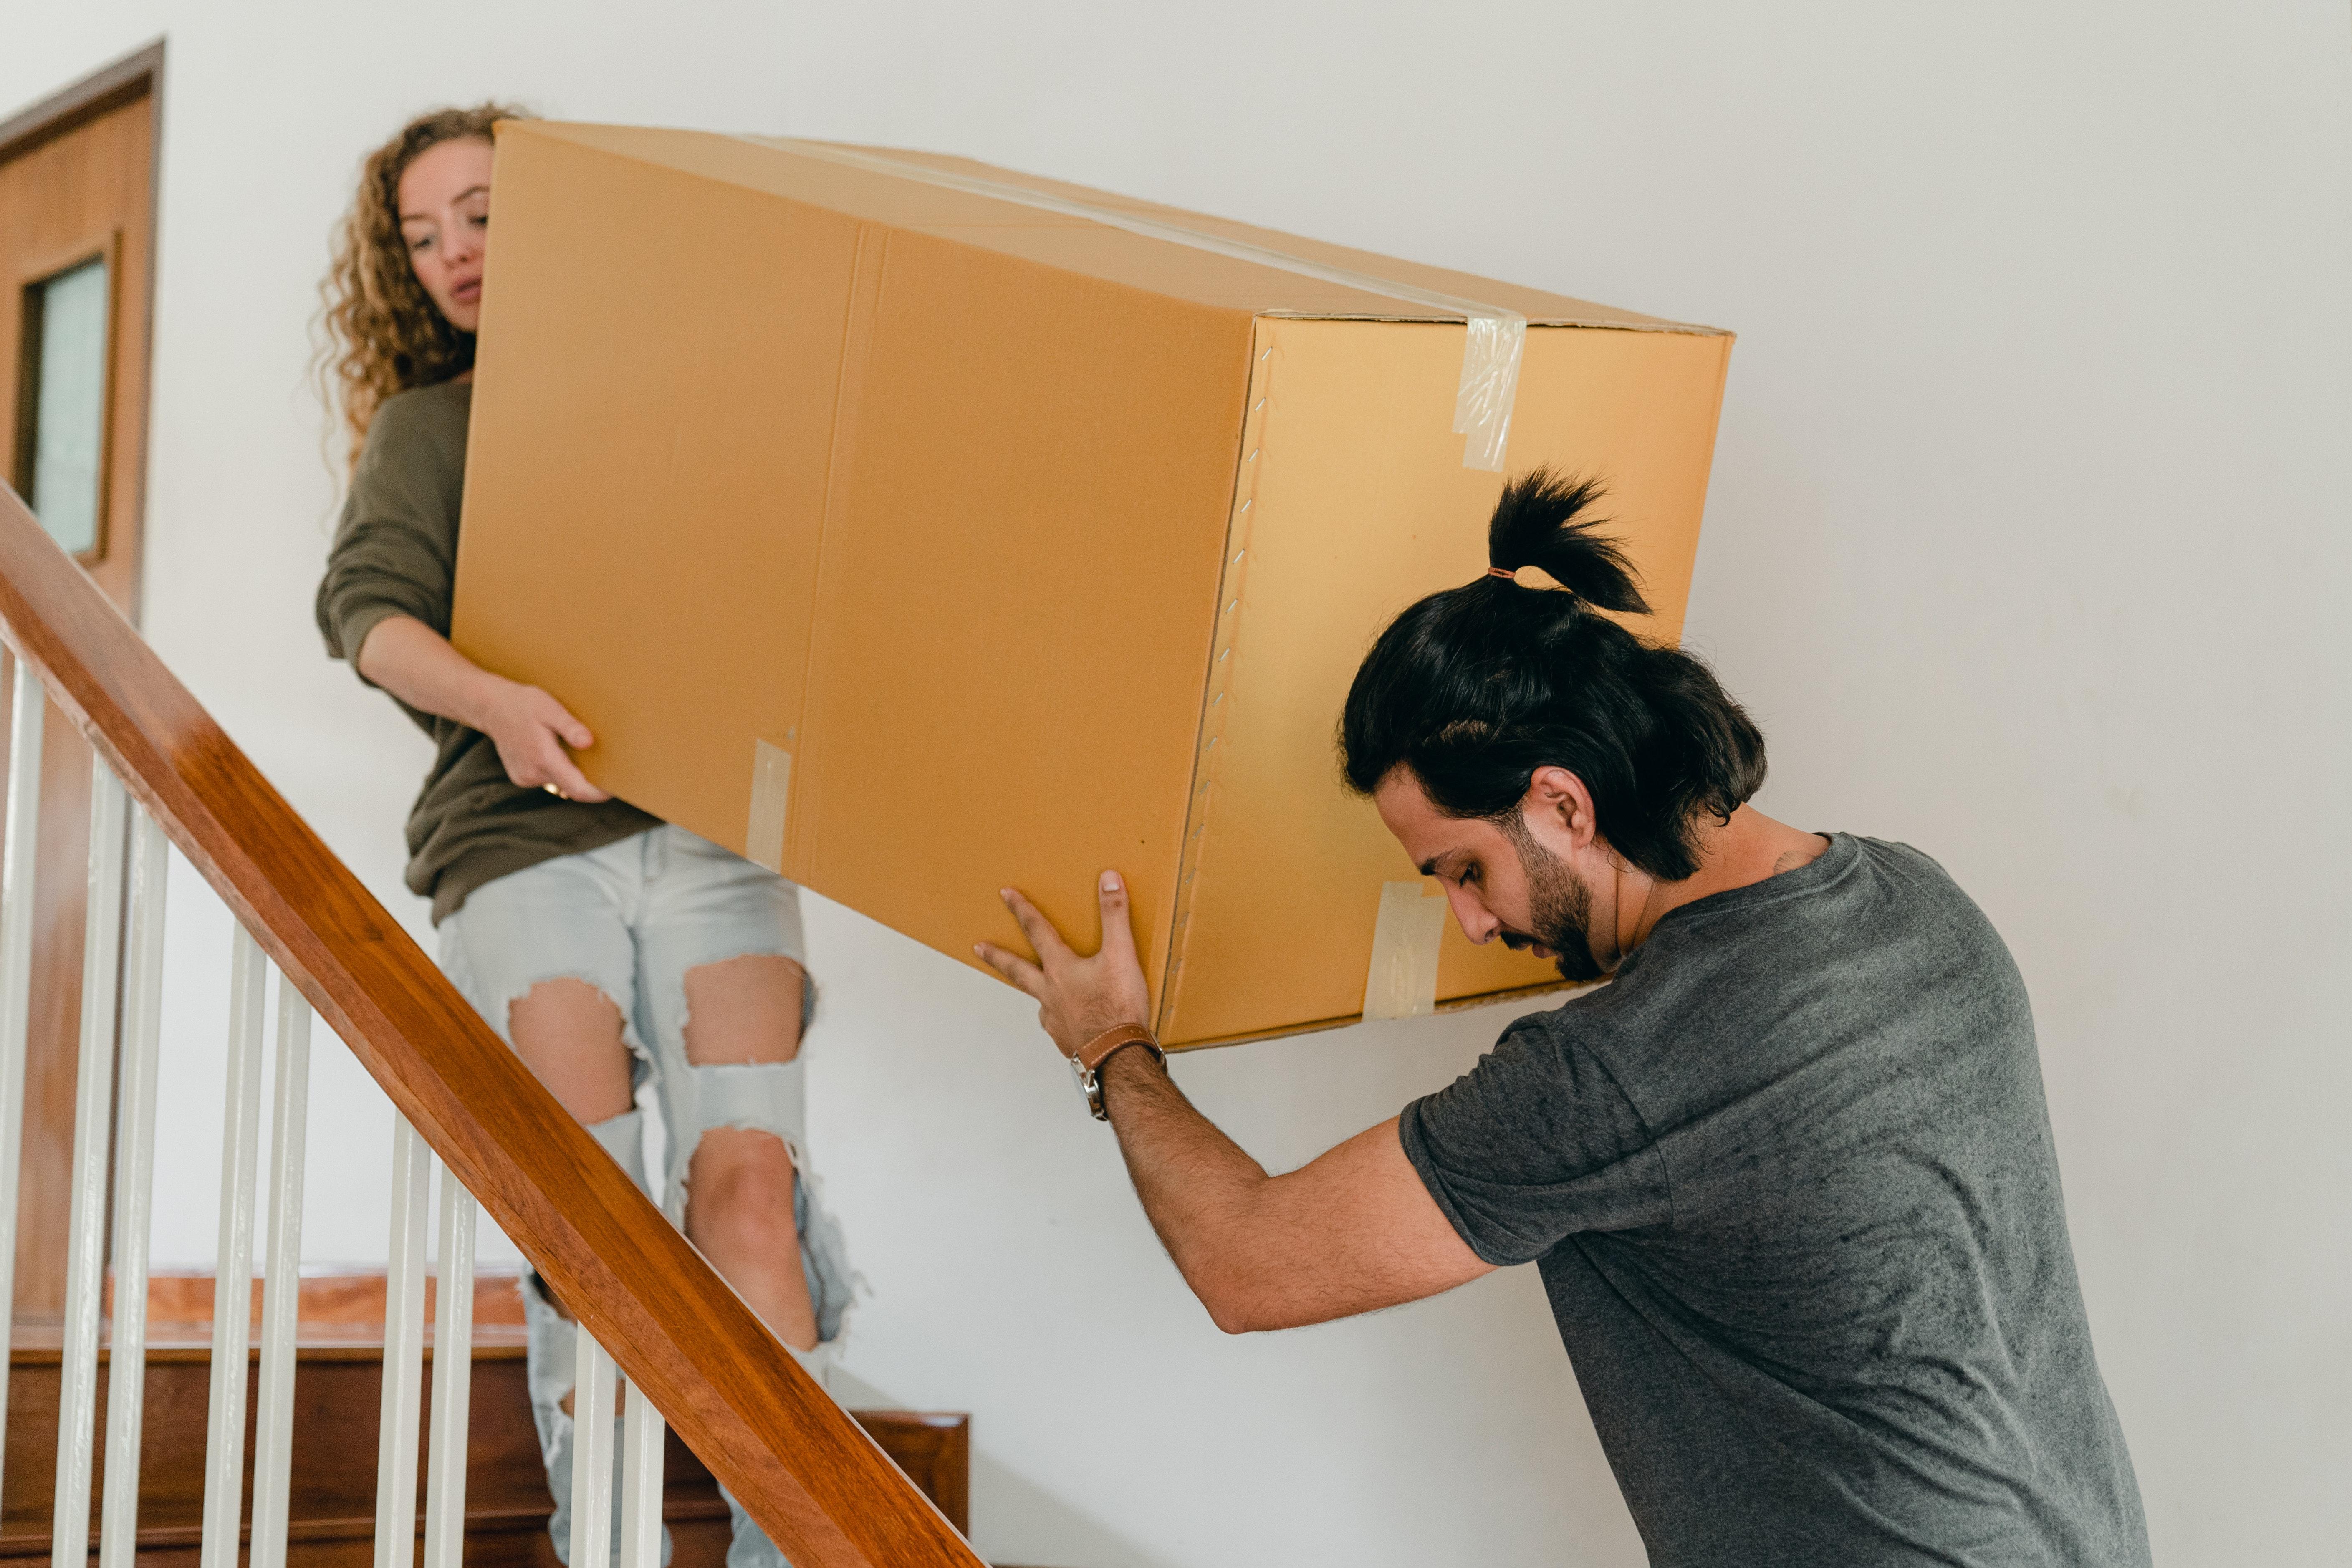 déménagement sans blessures